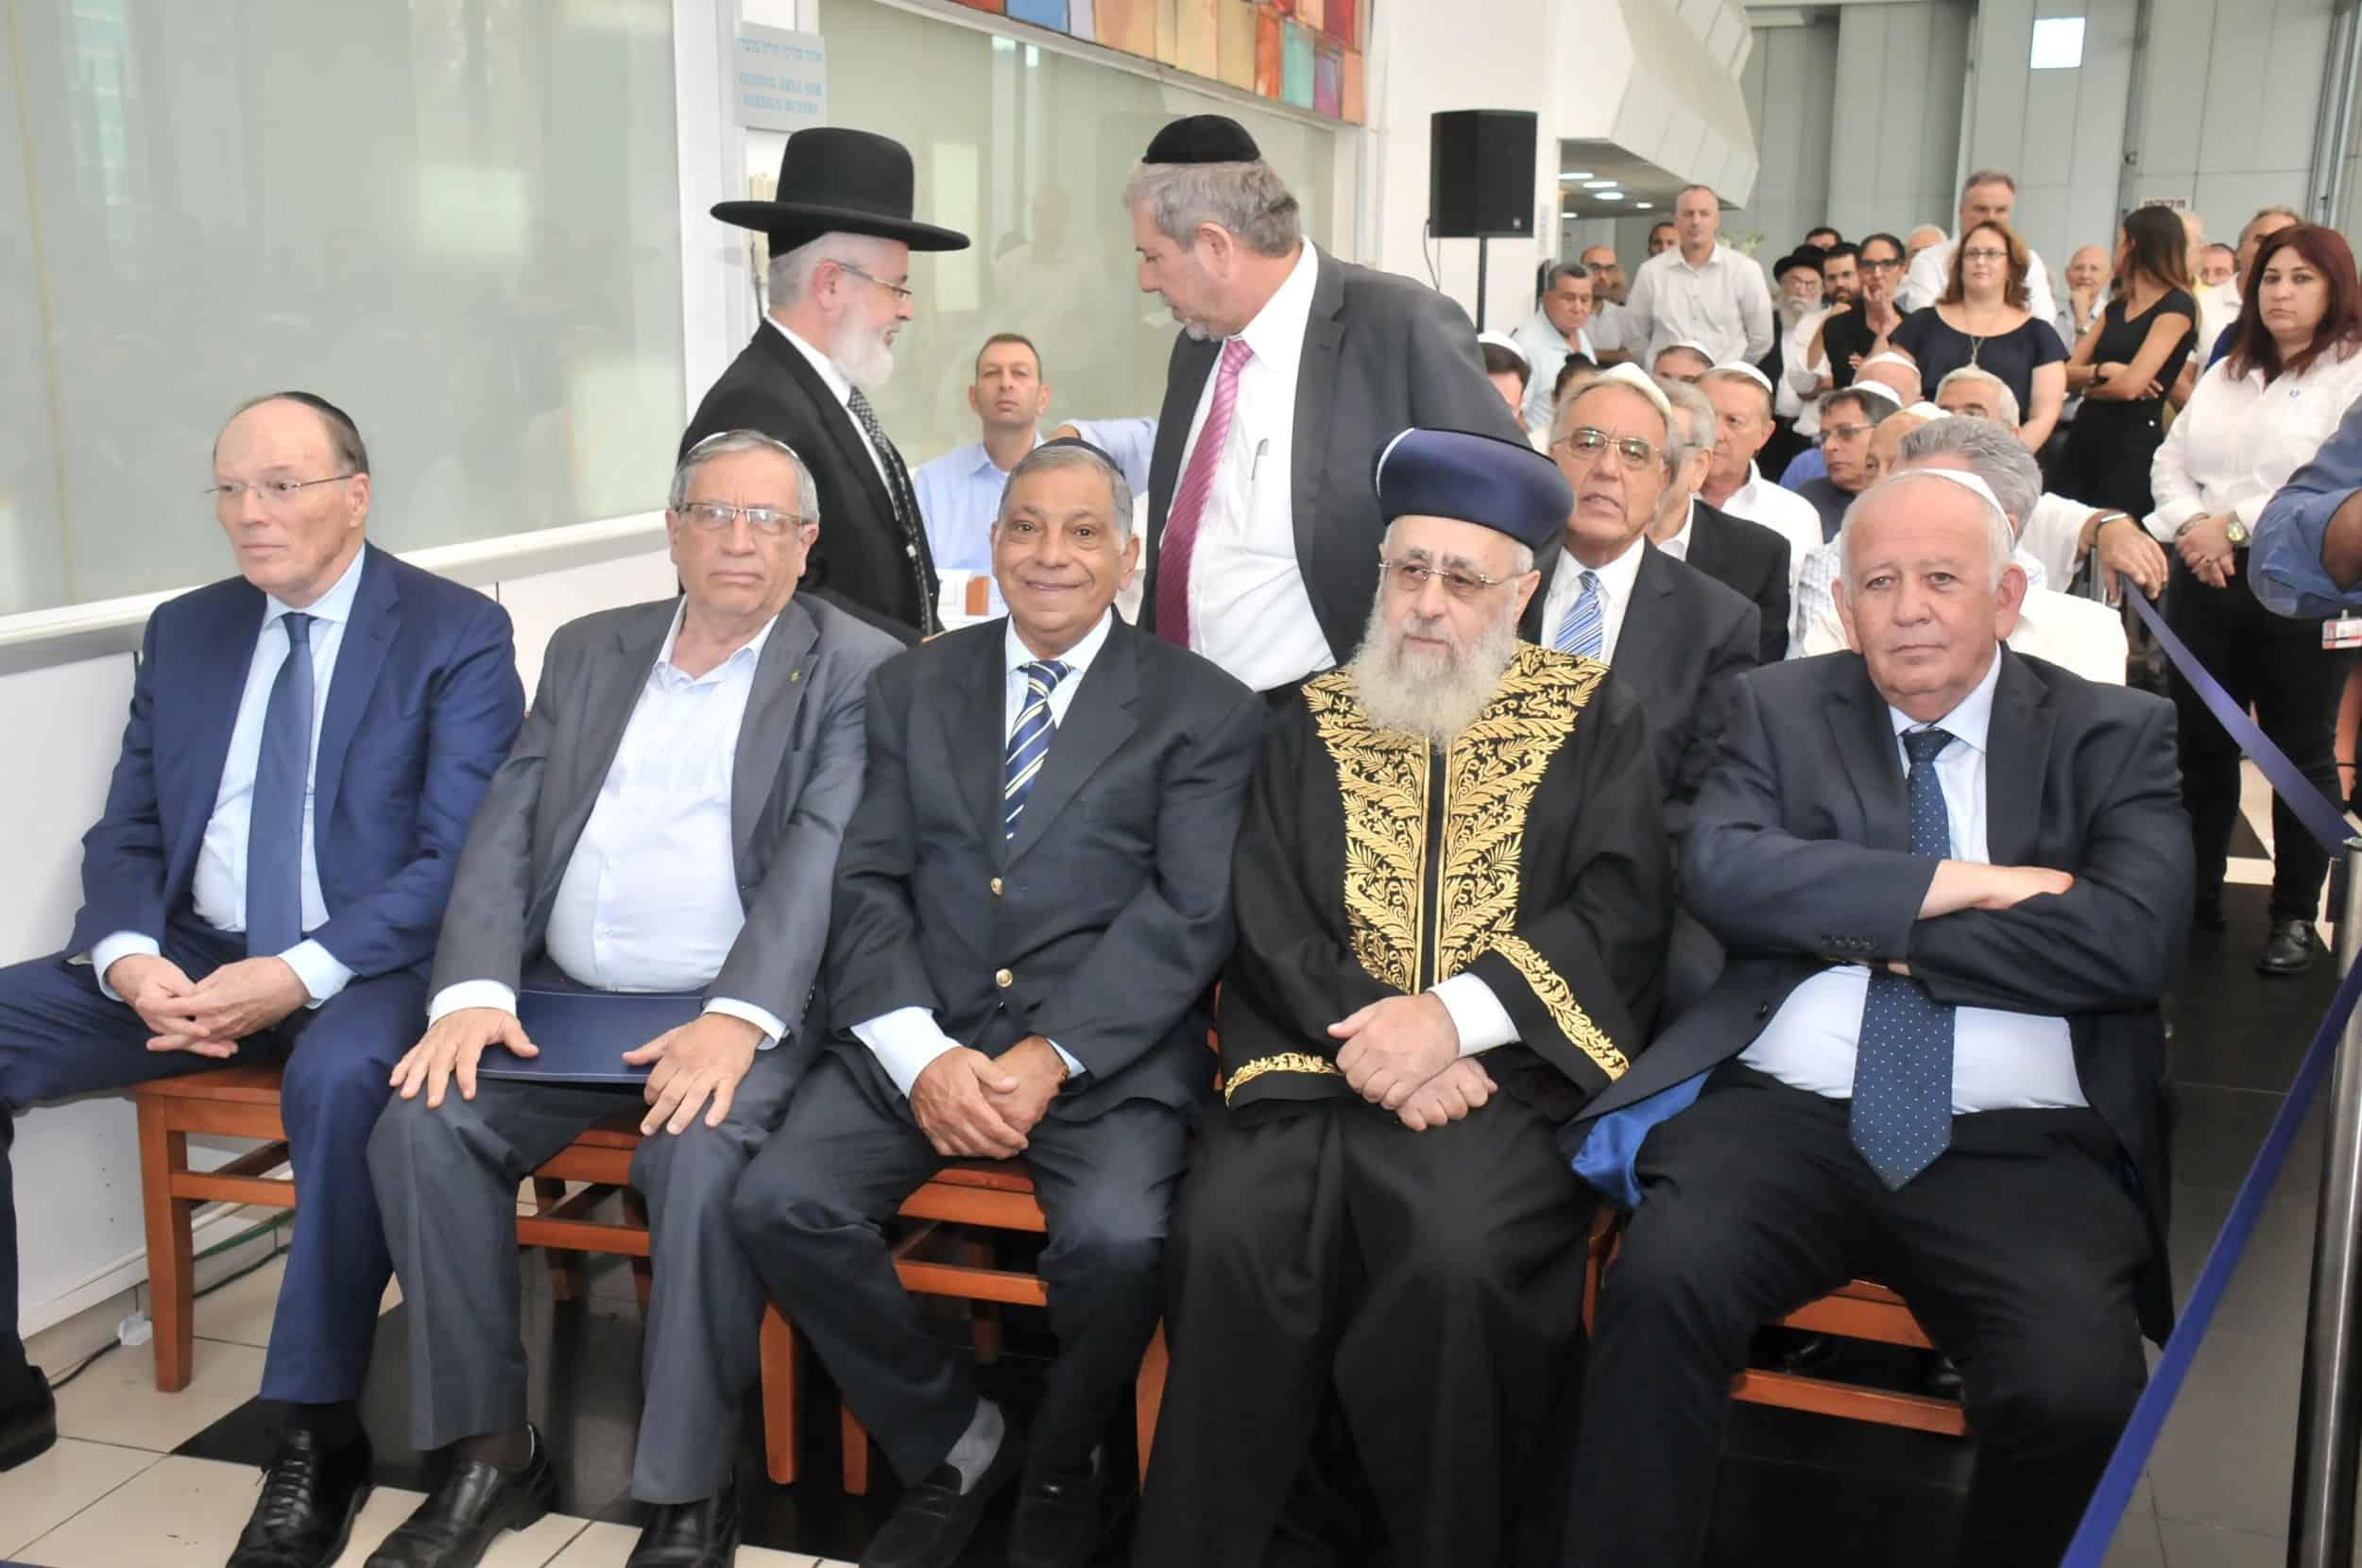 קובי קורן, הרב הראשון לציון , יעקב שלי, ישראל זינגר, שמואל שניצר. צלם